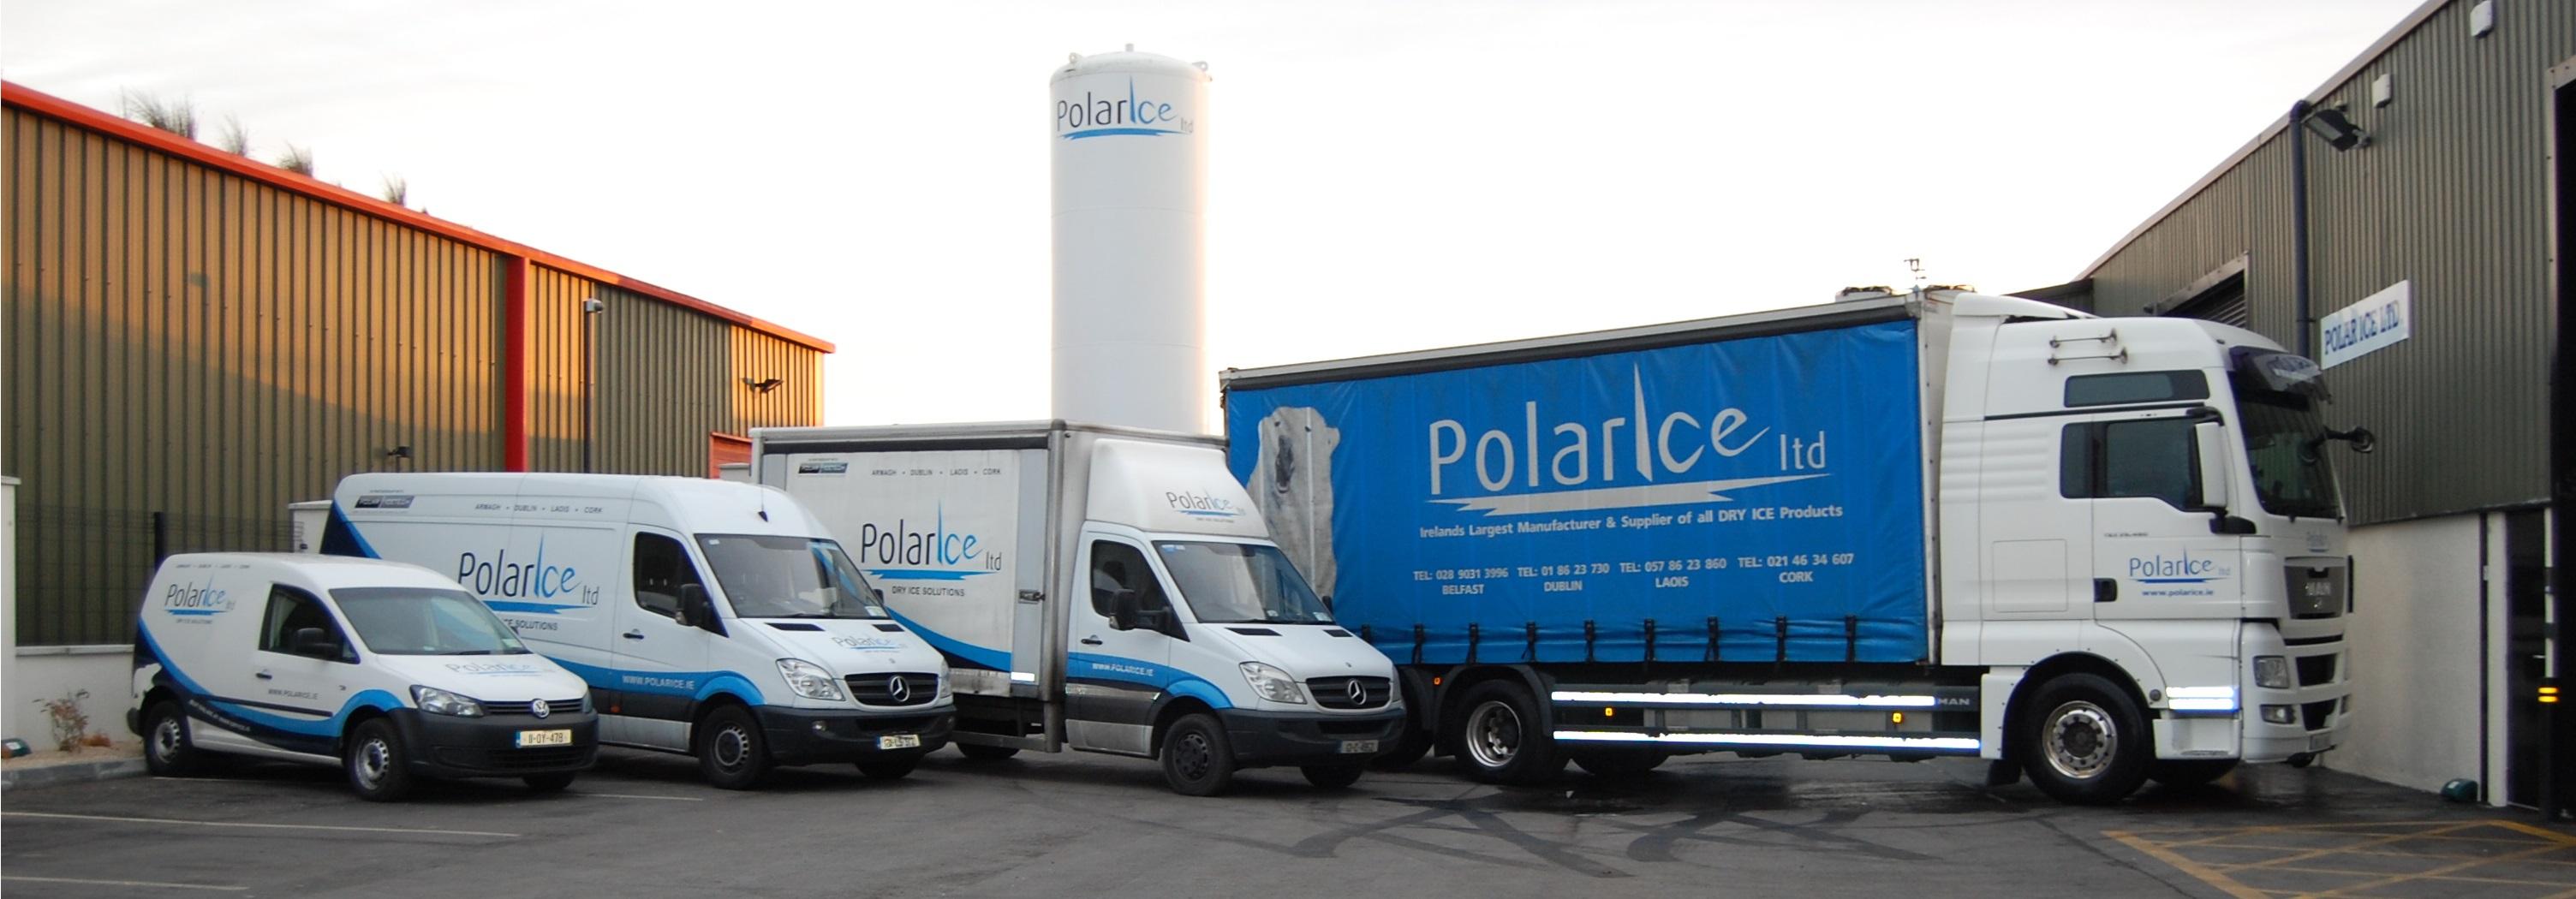 polar-ice-fleet-2013